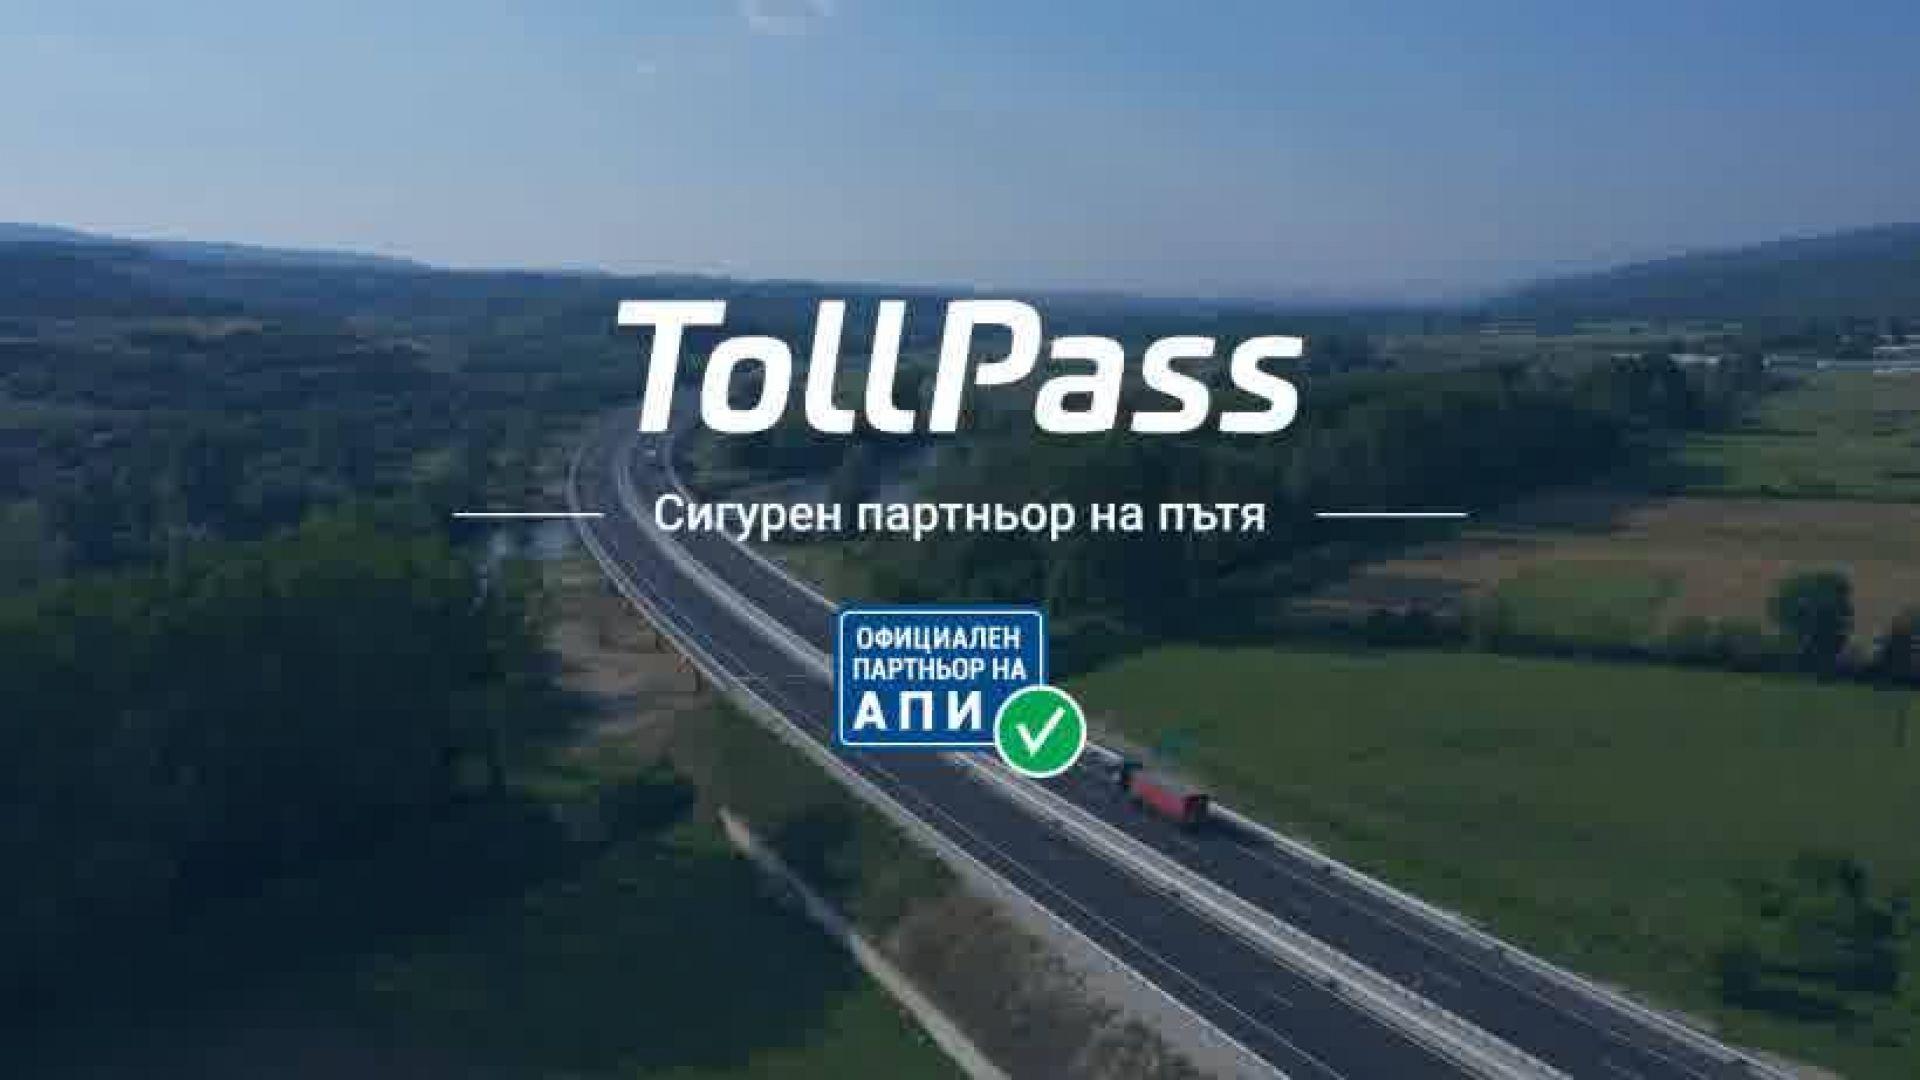 TollPass: Доставките на бордови устройства ще се изпълняват по реда на сключване на договорите